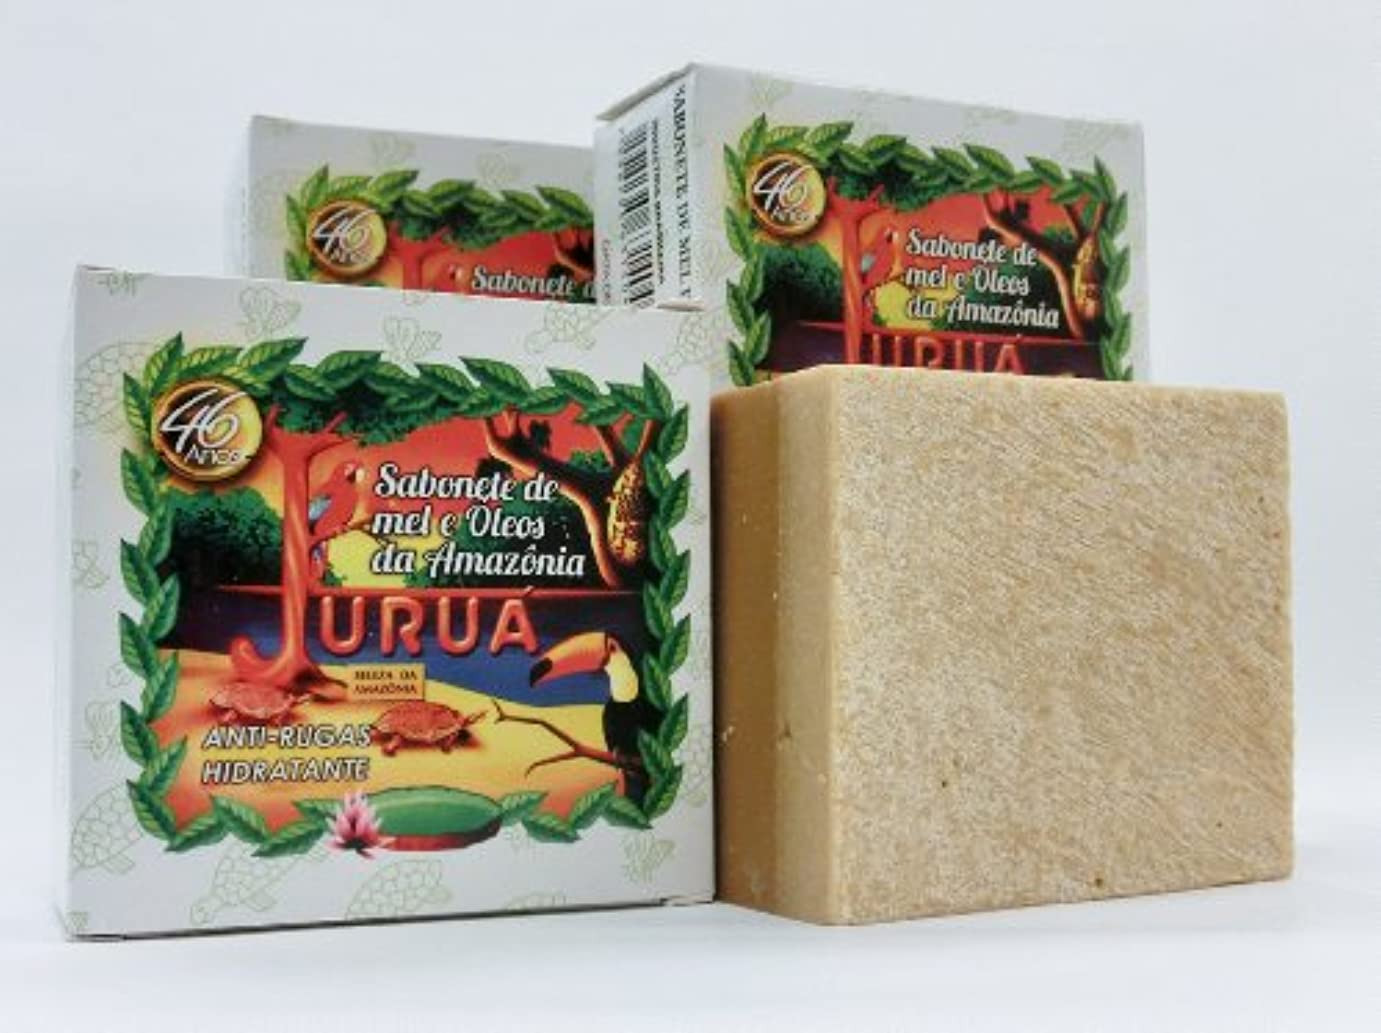 温帯緊張するカンガルーJURUA石鹸 (大180g) 3個セット